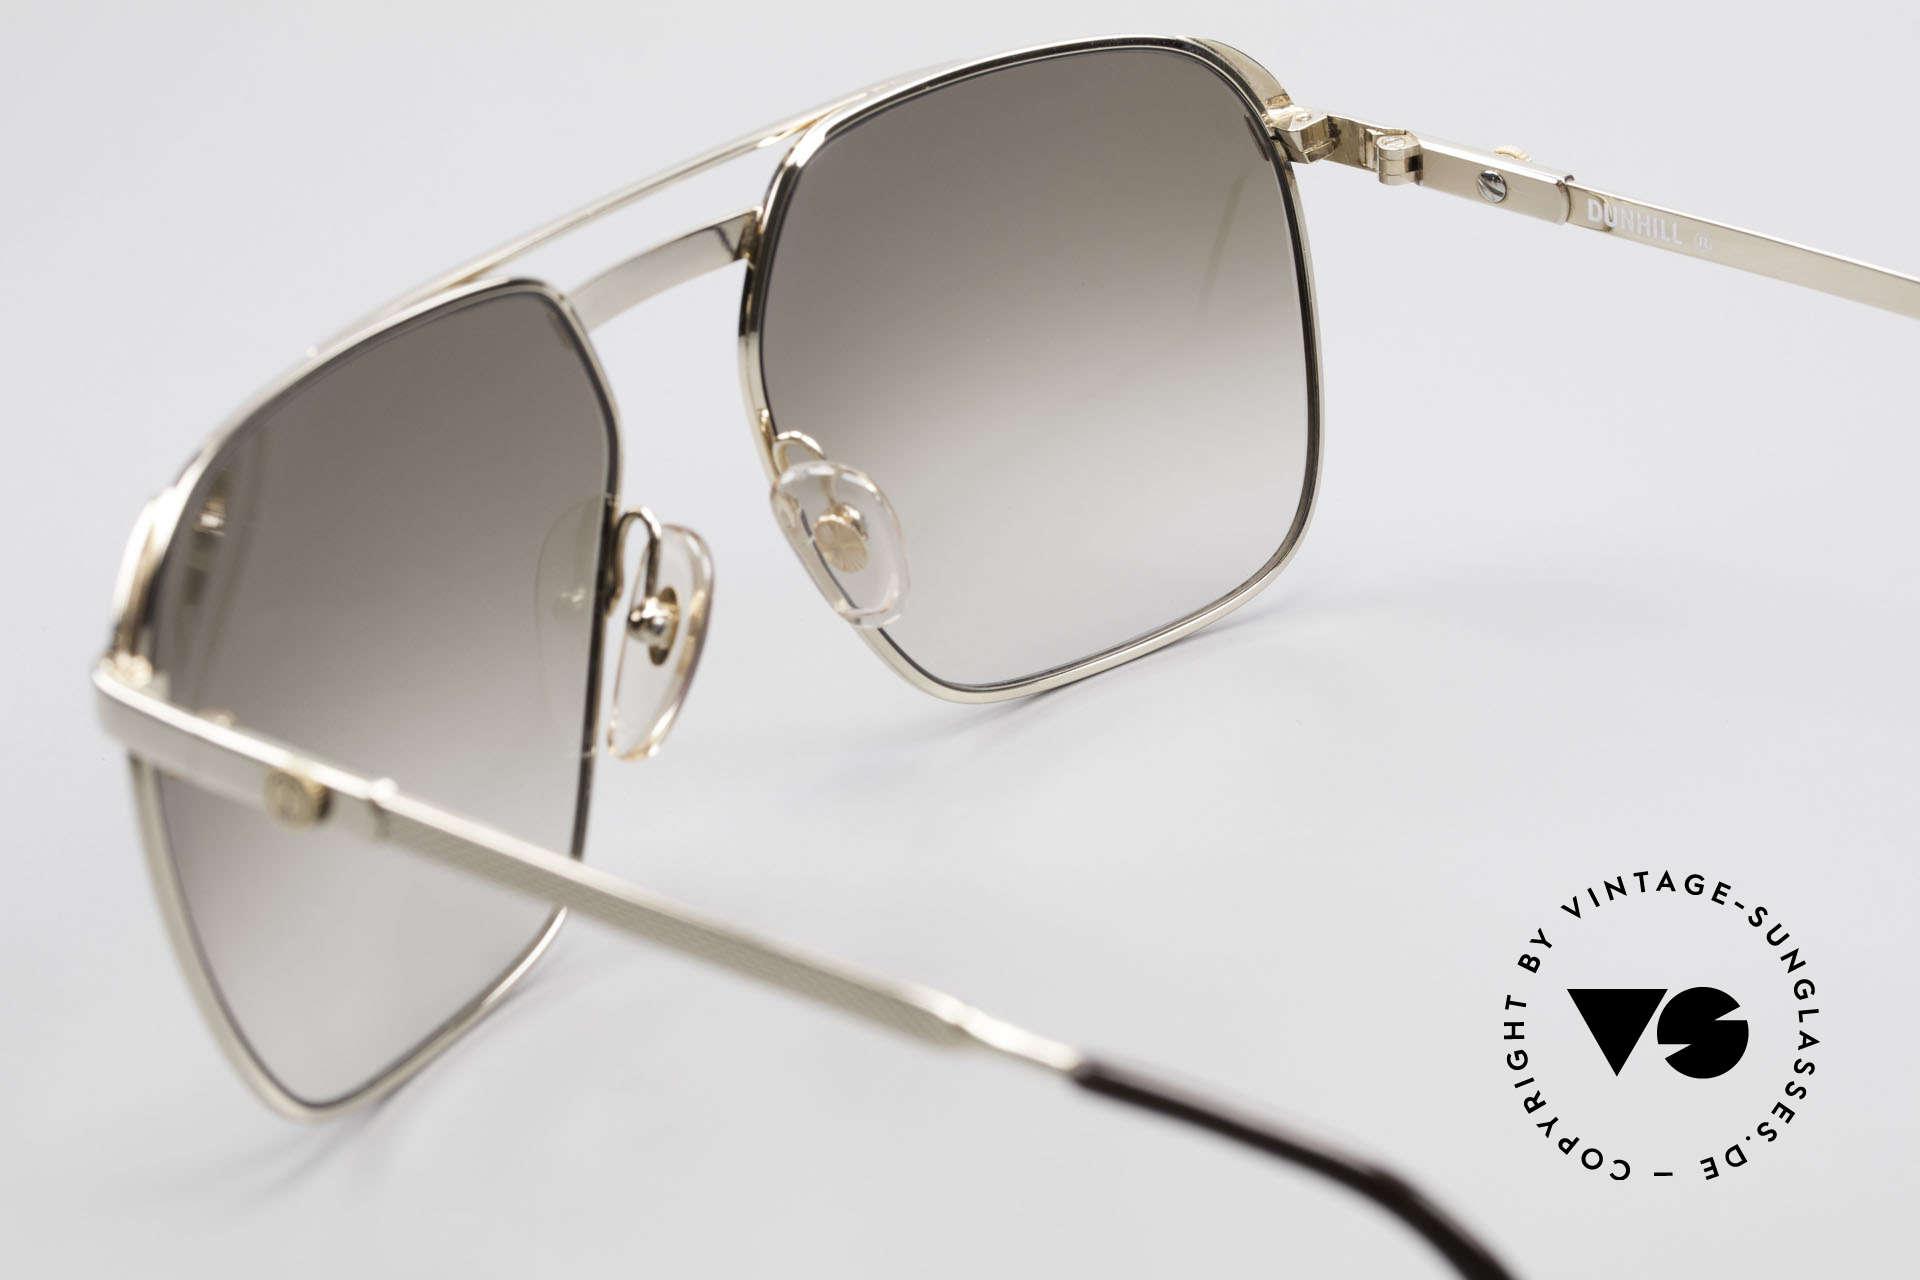 Dunhill 6011 Vergoldete 80er Herrenbrille, KEIN RETRO, sondern ein kostbares altes ORIGINAL, Passend für Herren